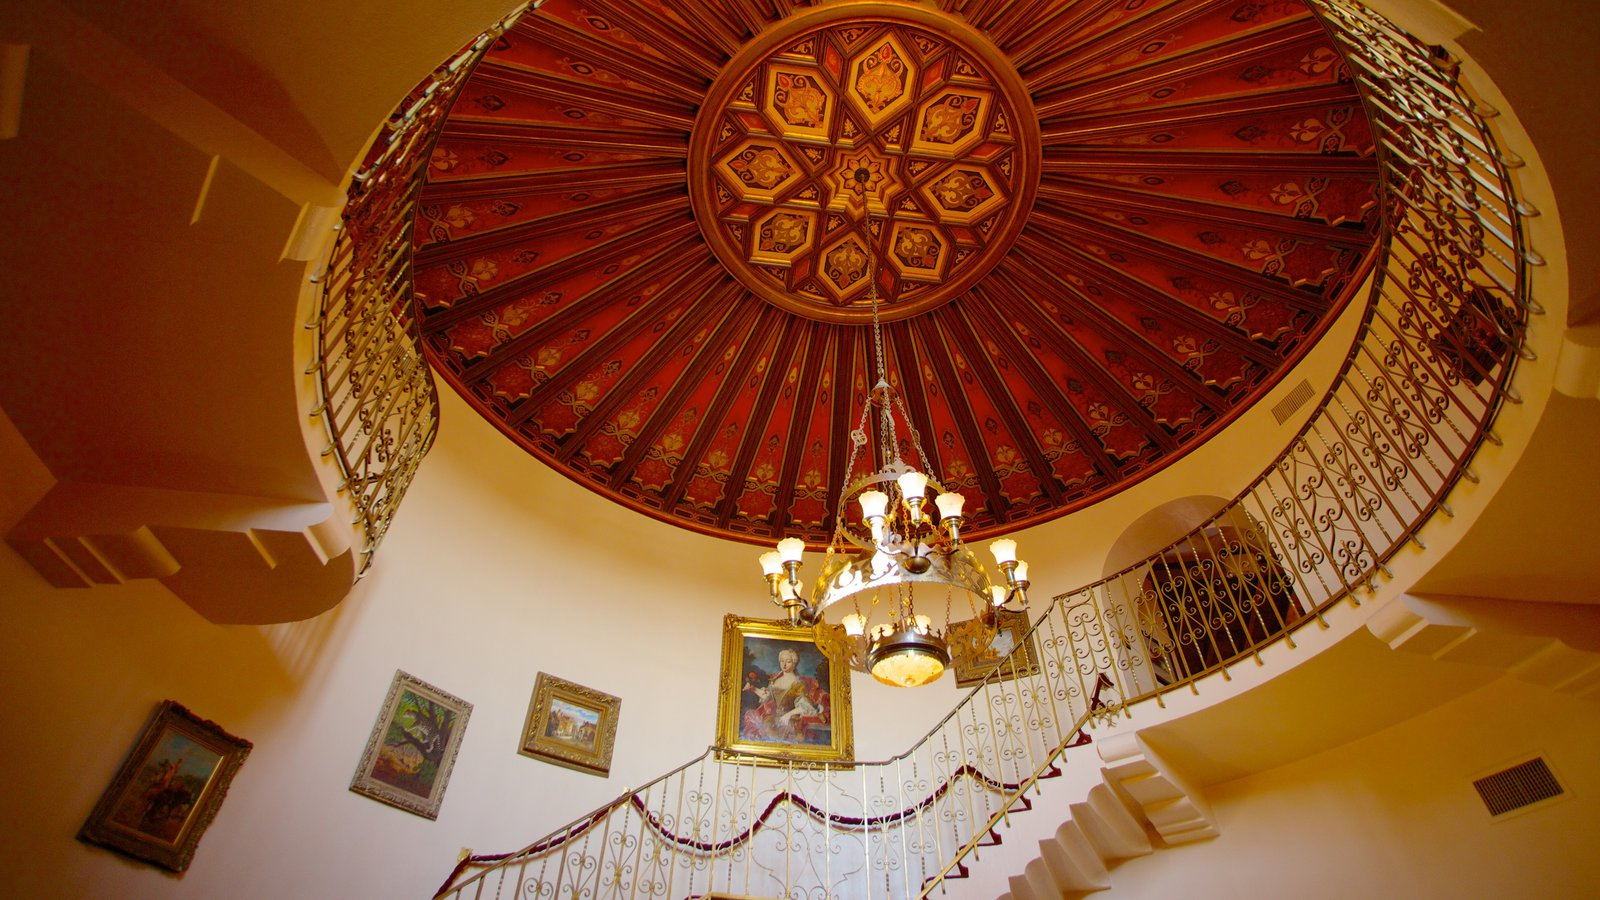 Wrigley Mansion que incluye castillo o palacio y vistas interiores